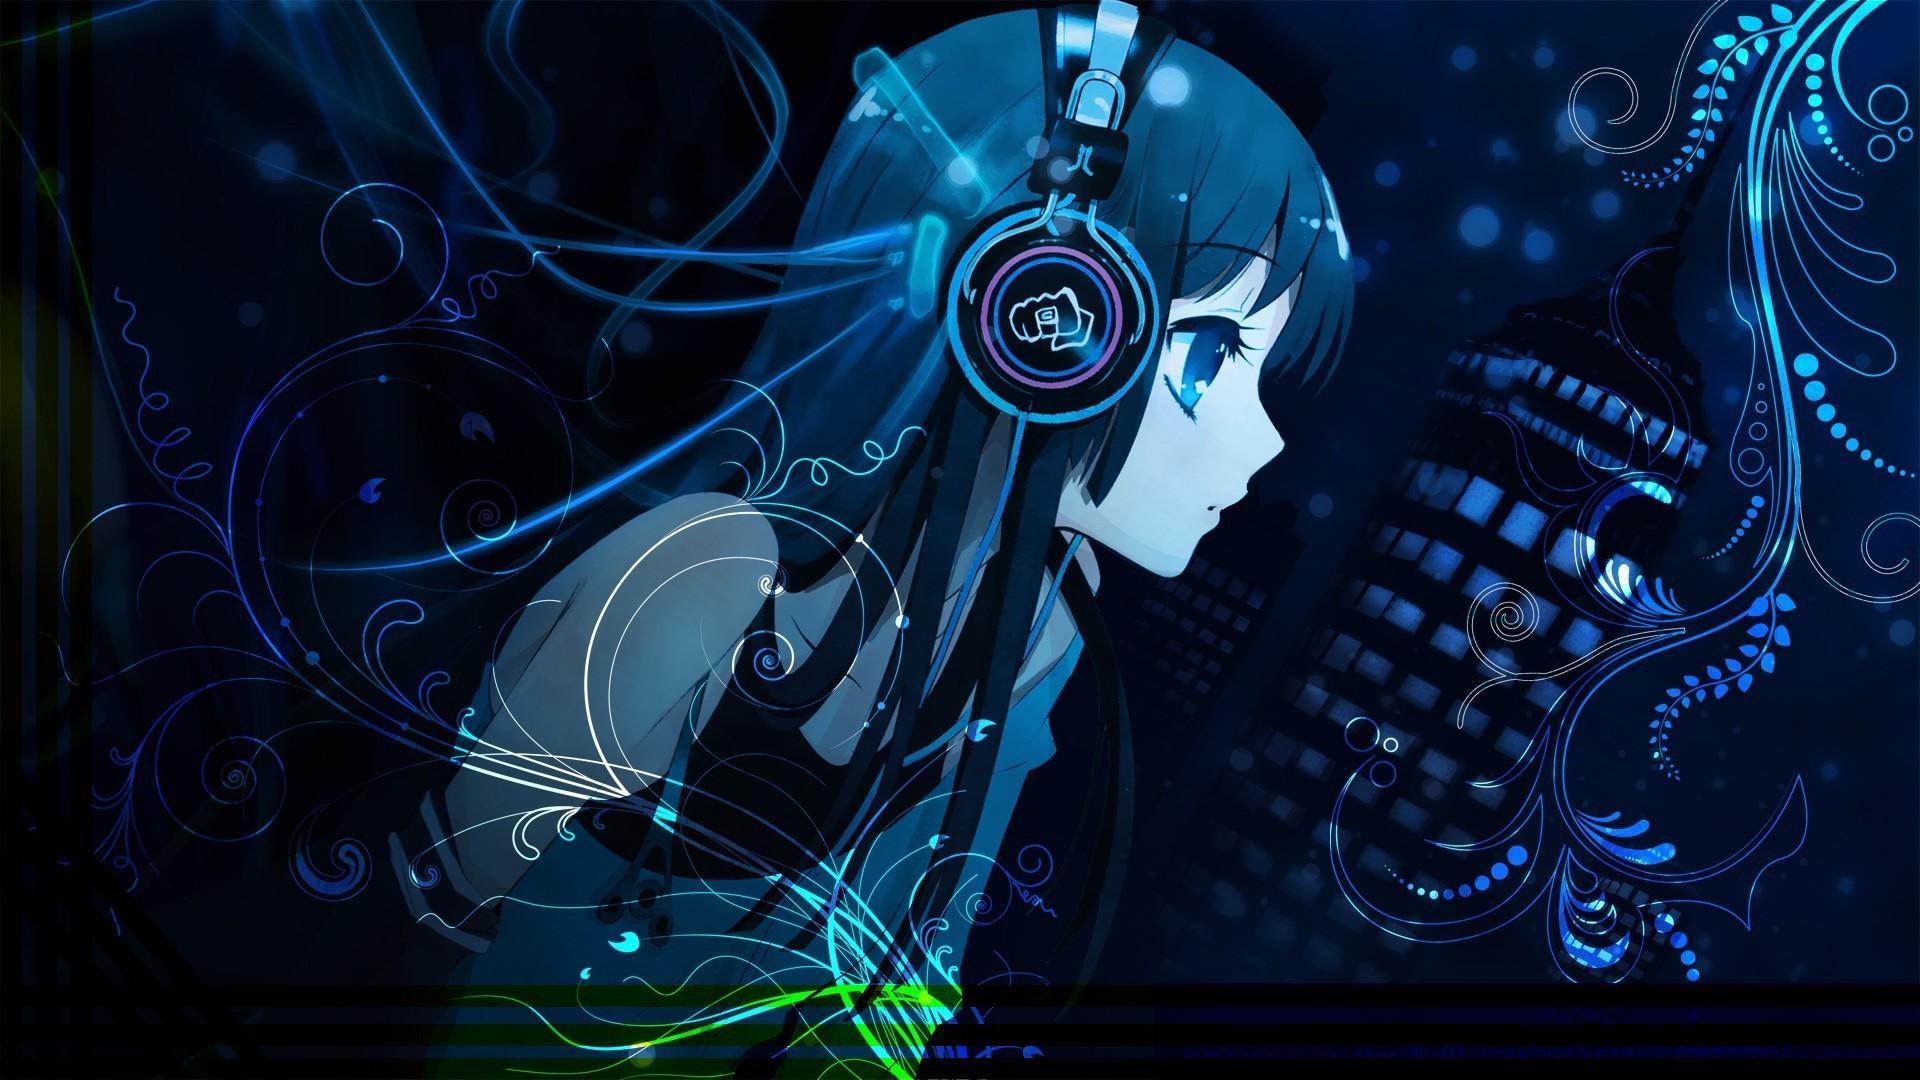 Res: 1920x1080, Anime Gamer Girl HD Desktop Wallpaper 21377